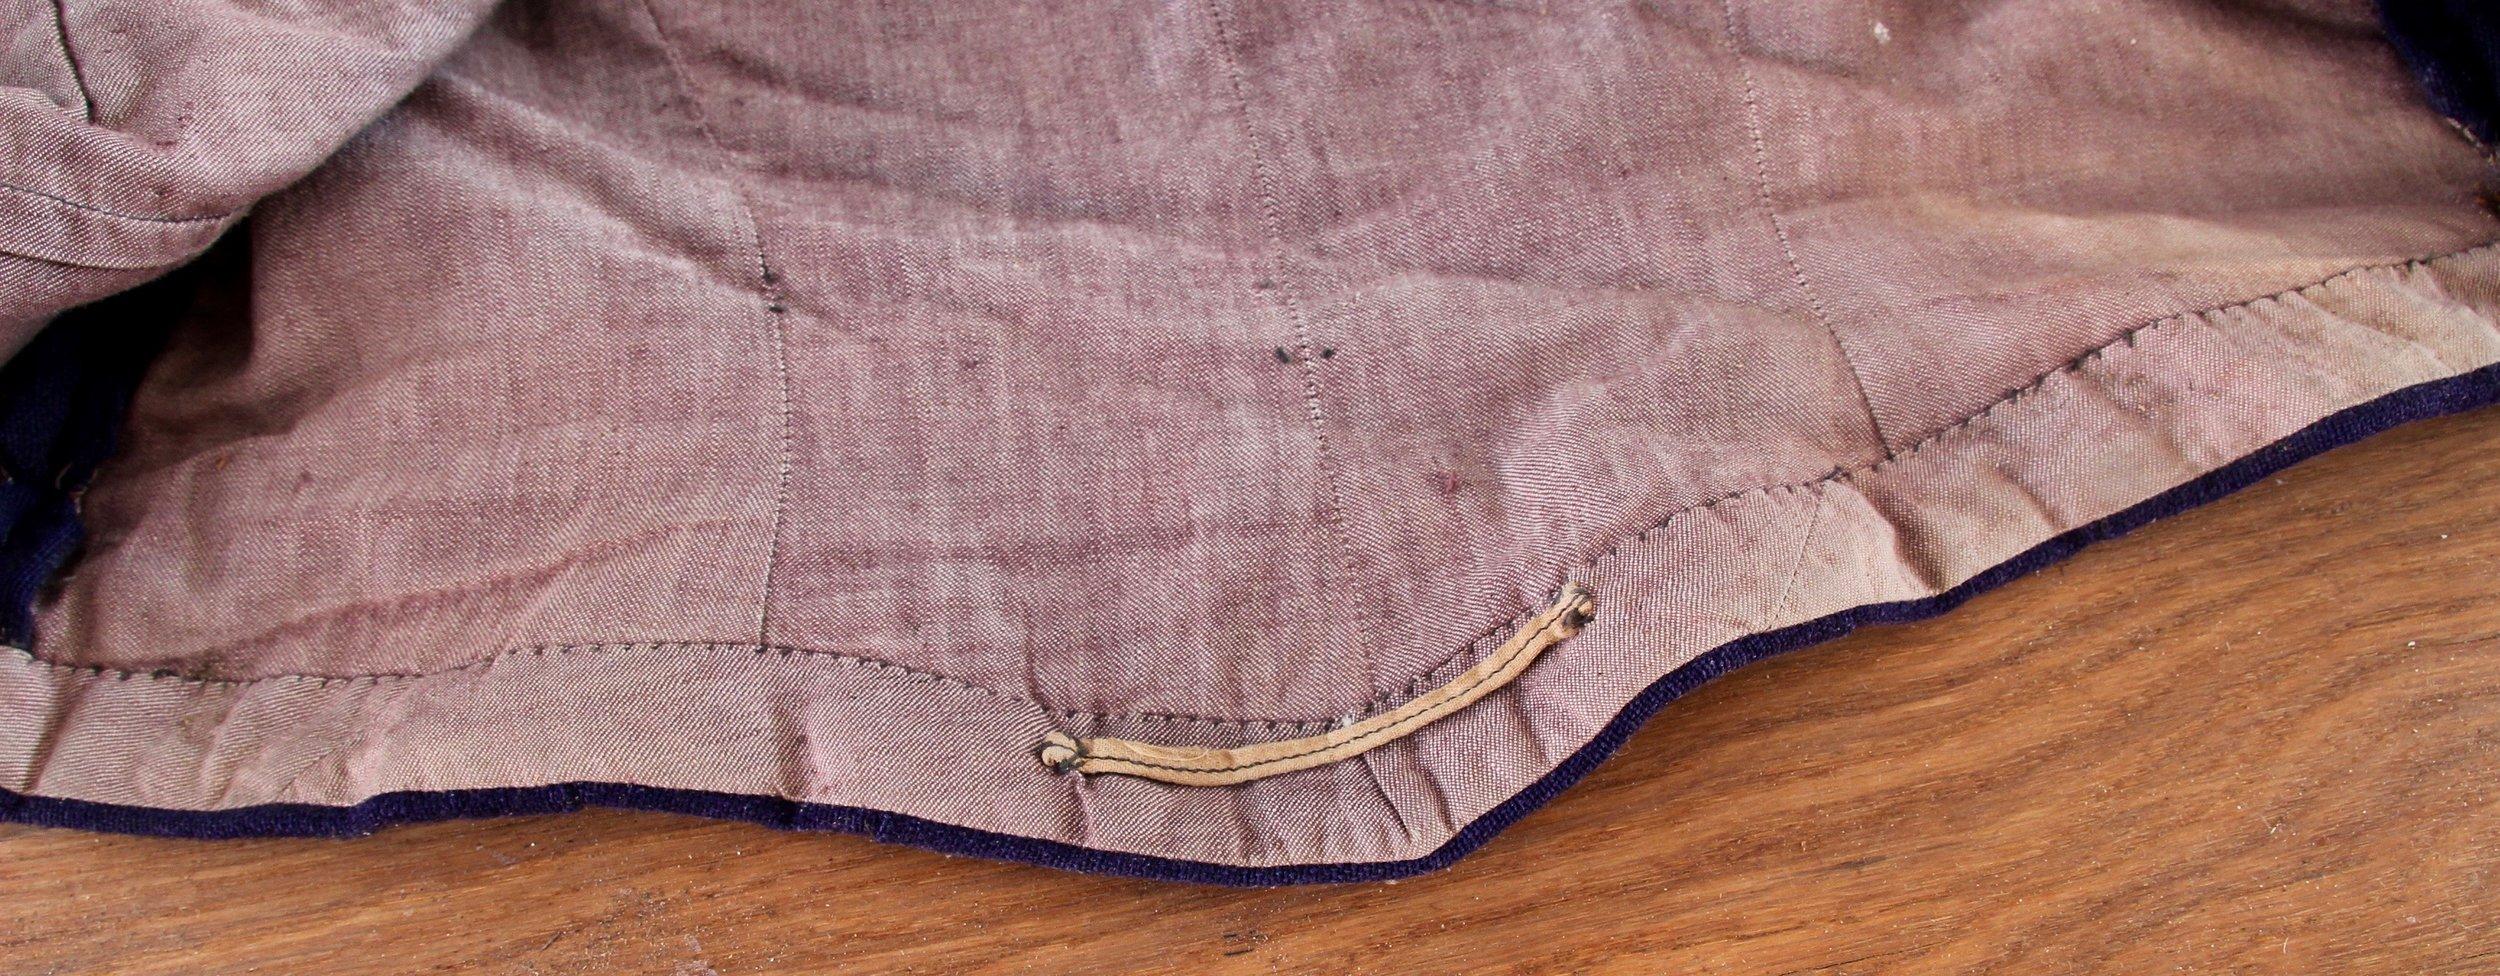 Lining of blue jacket